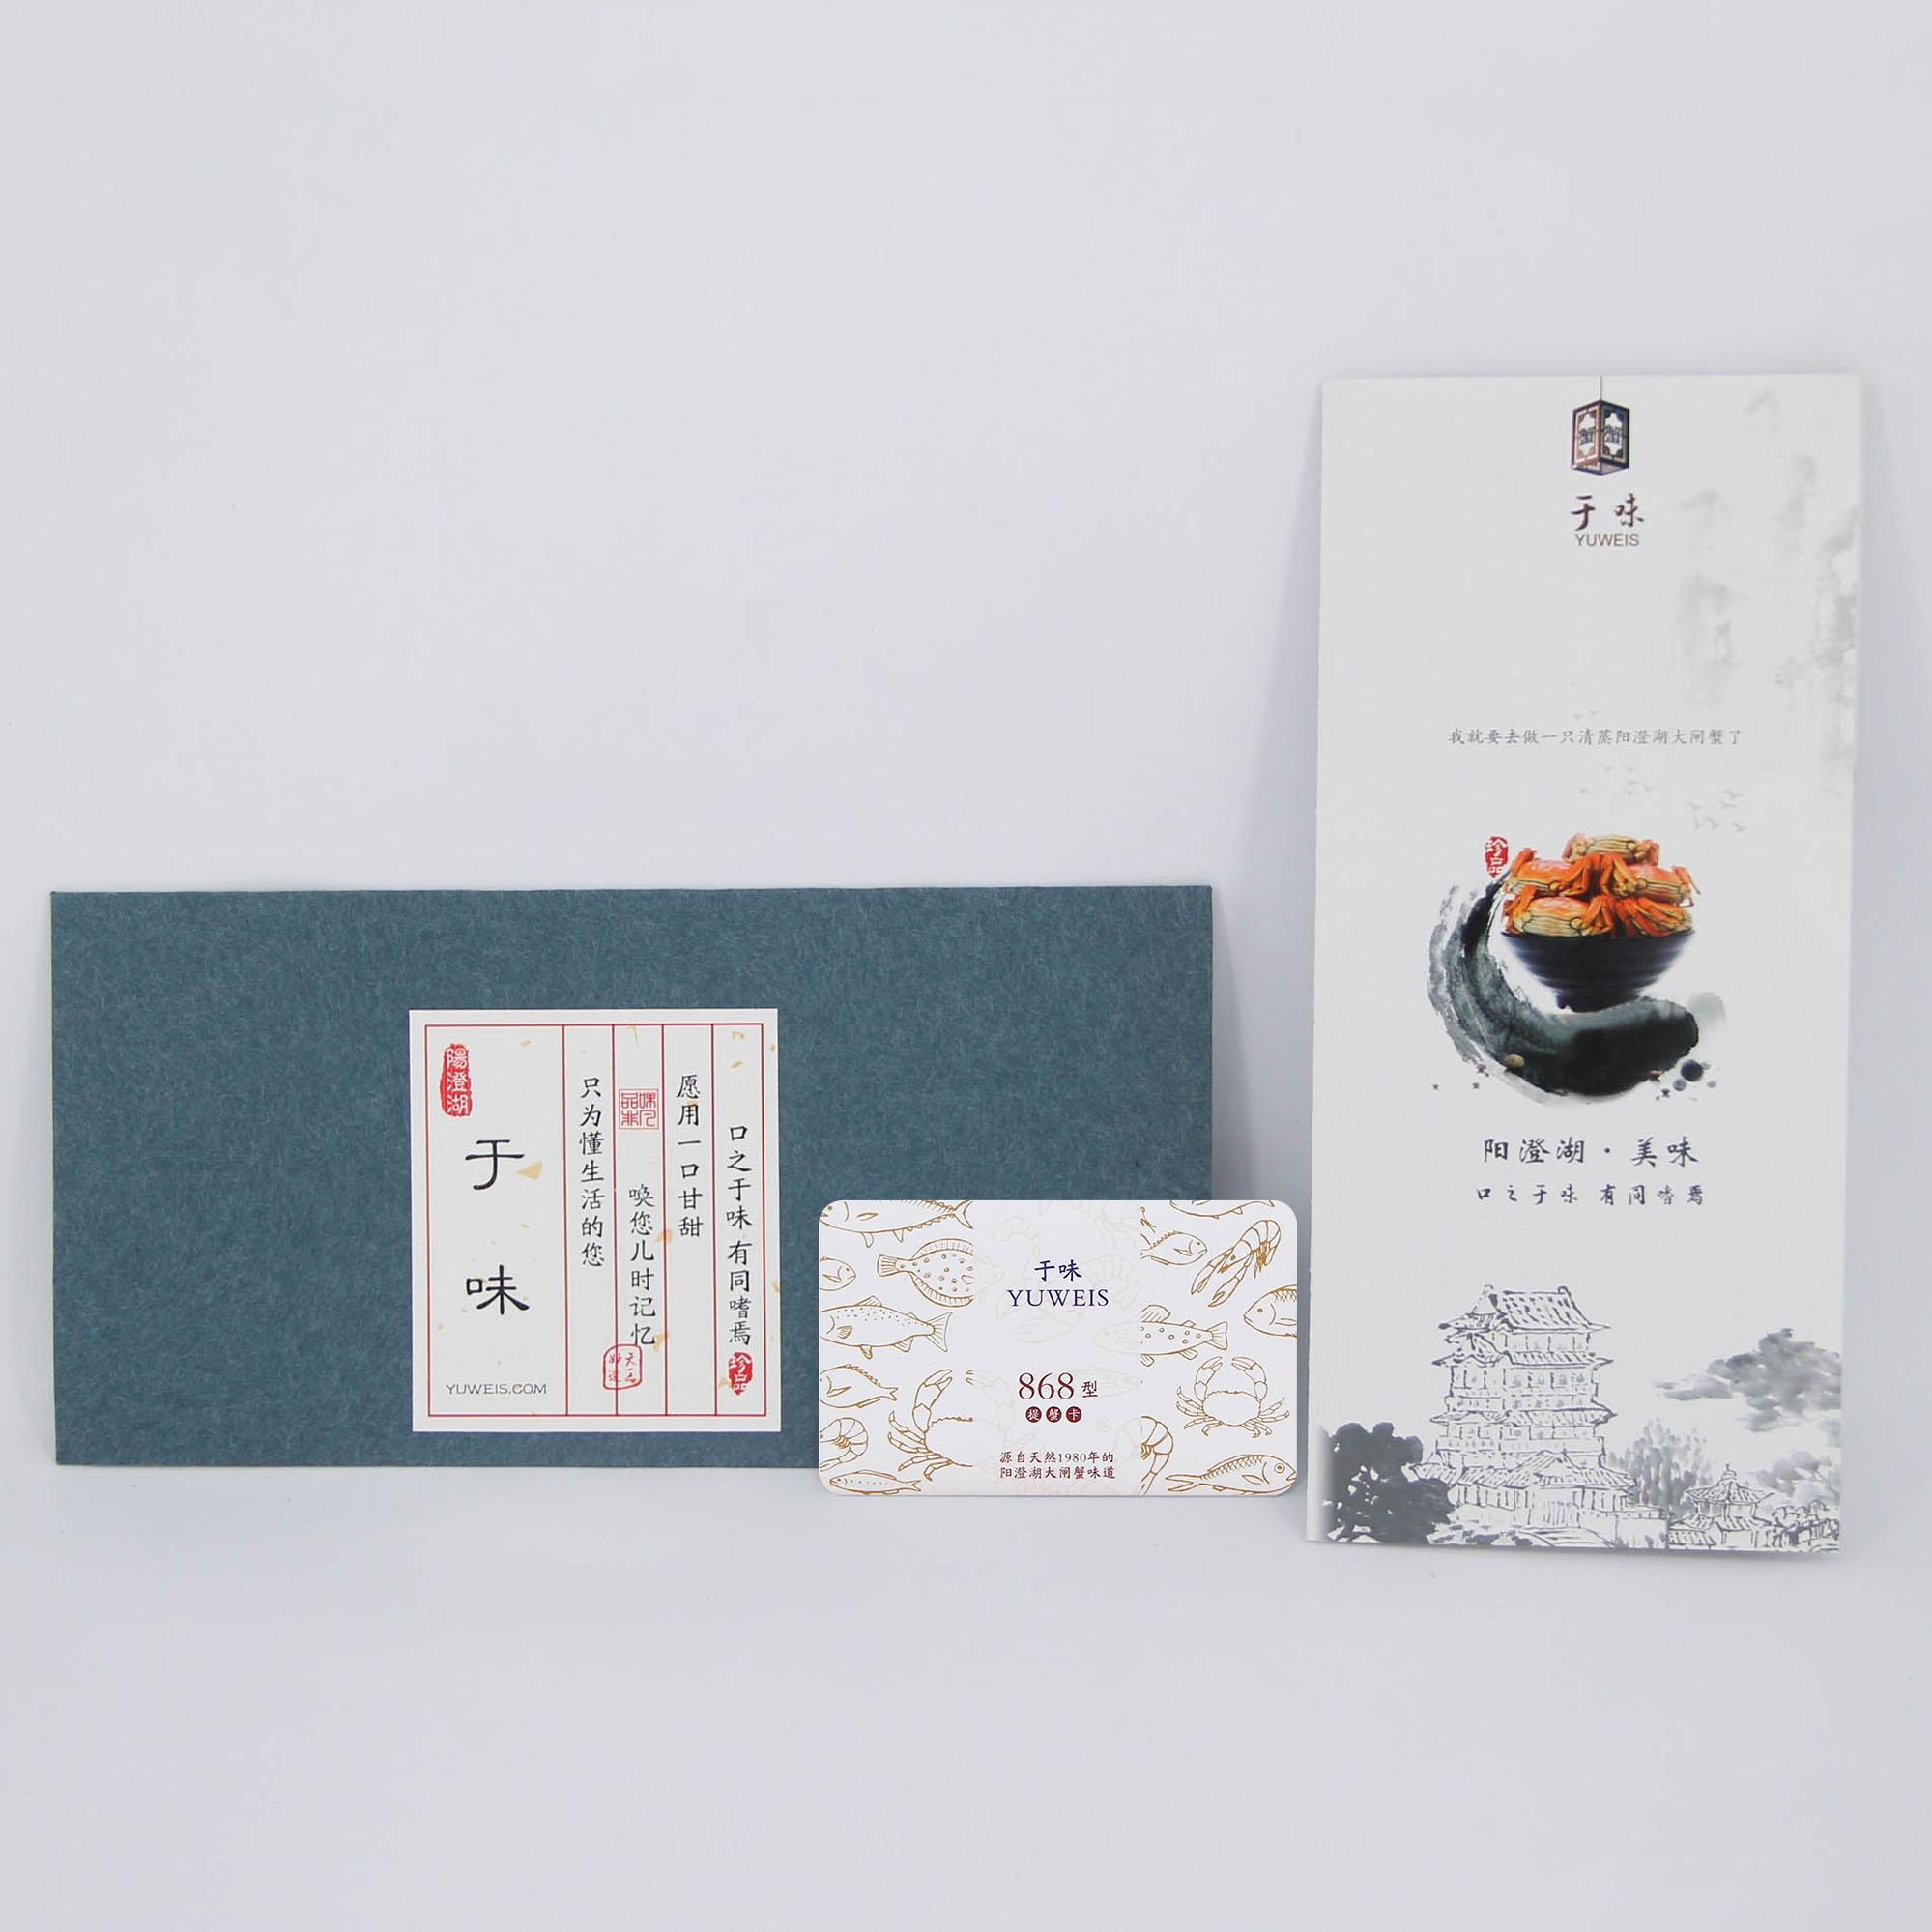 阳澄湖大闸蟹 868型(3.5-3.9公*5只,2.5-2.9母*5只)提货卡 精品系列礼盒装